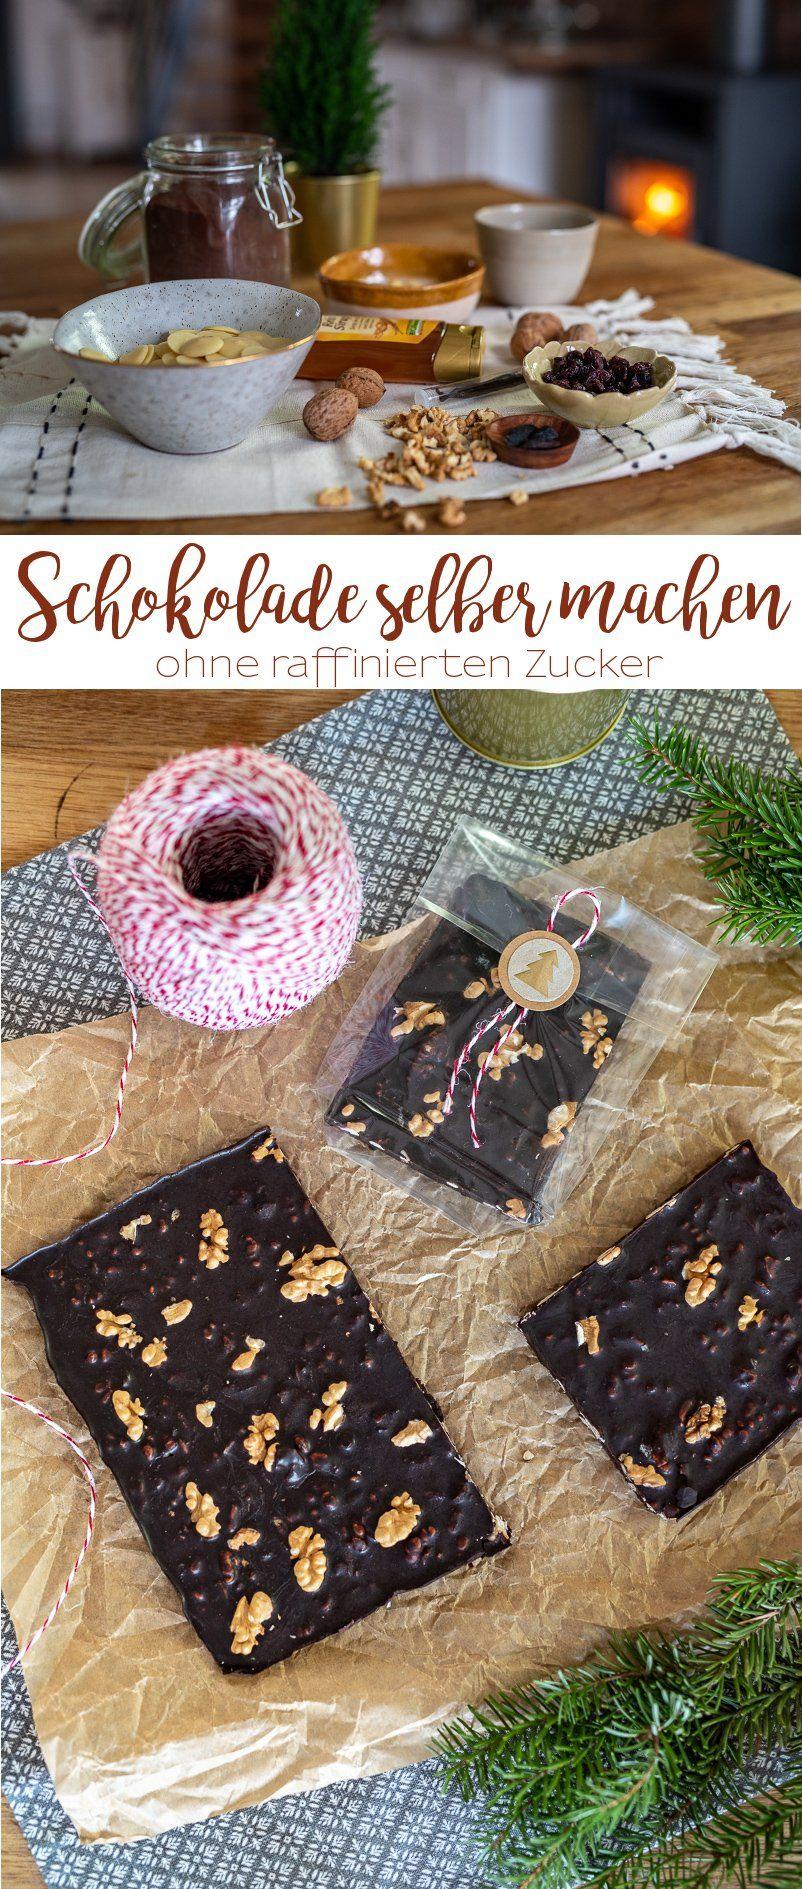 Rezept für selbst gemachte Schokolade ohne raffinierten Zucker - Leelah Loves